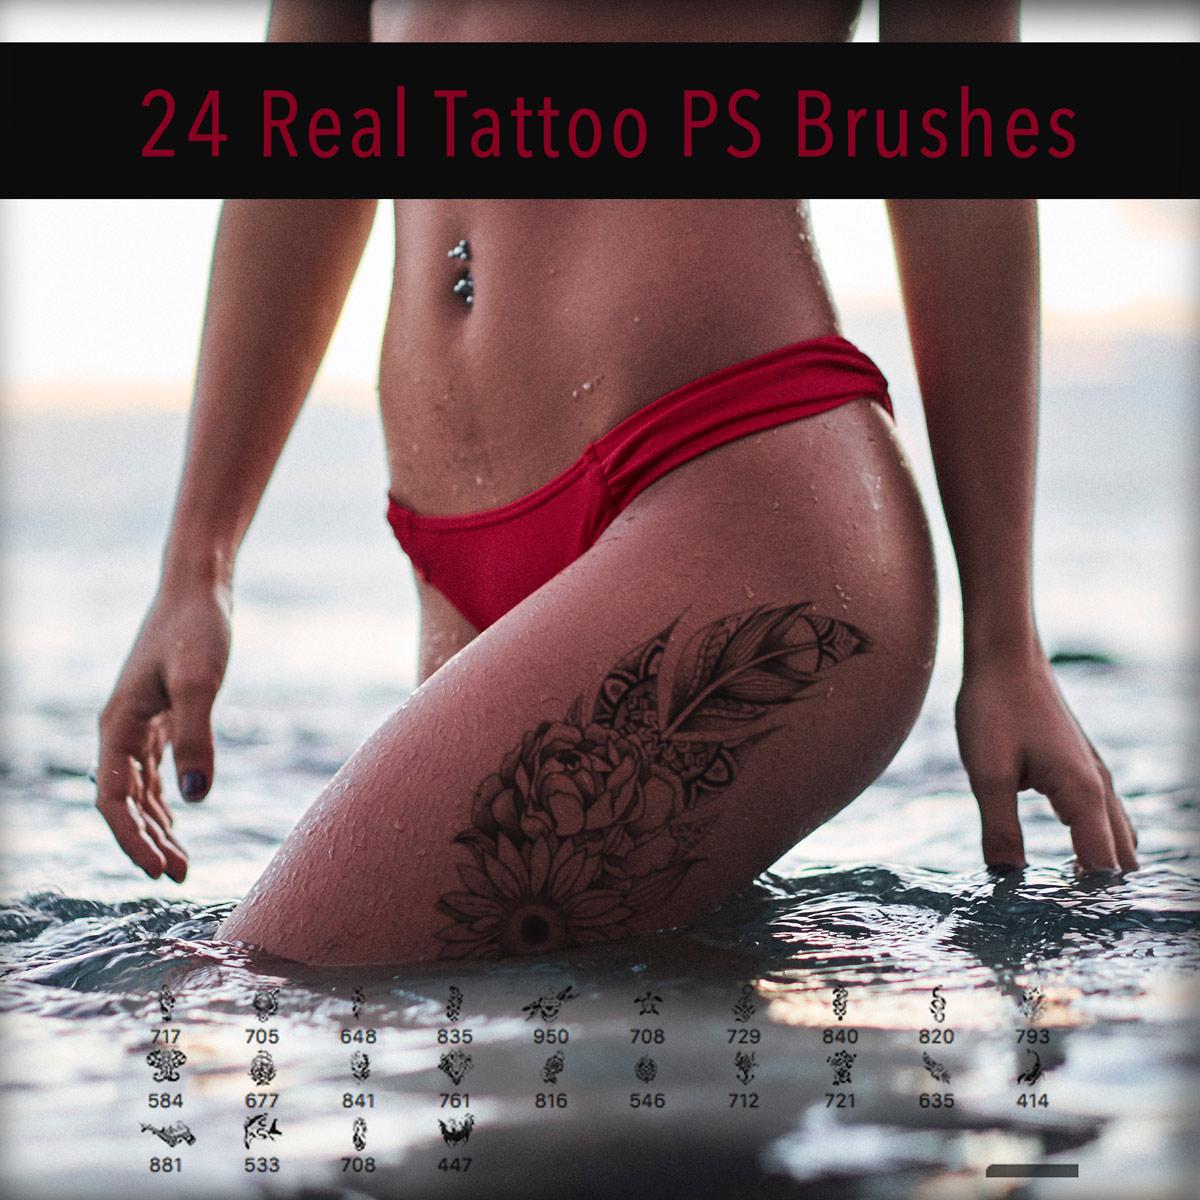 24种性感的非主流欧式纹身、纹饰图案Photoshop笔刷下载